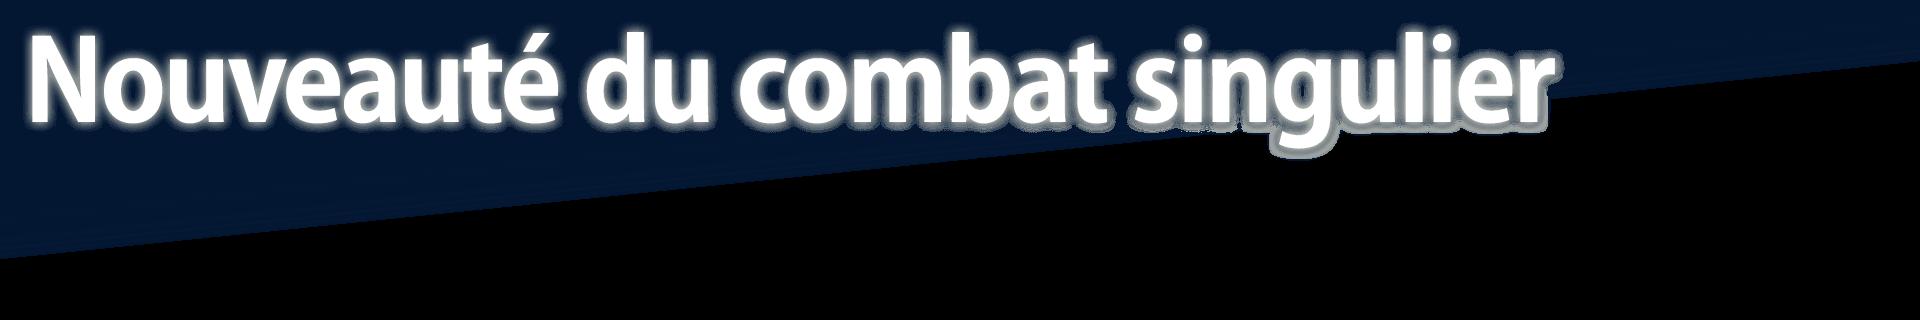 Nouveauté du combat singulier